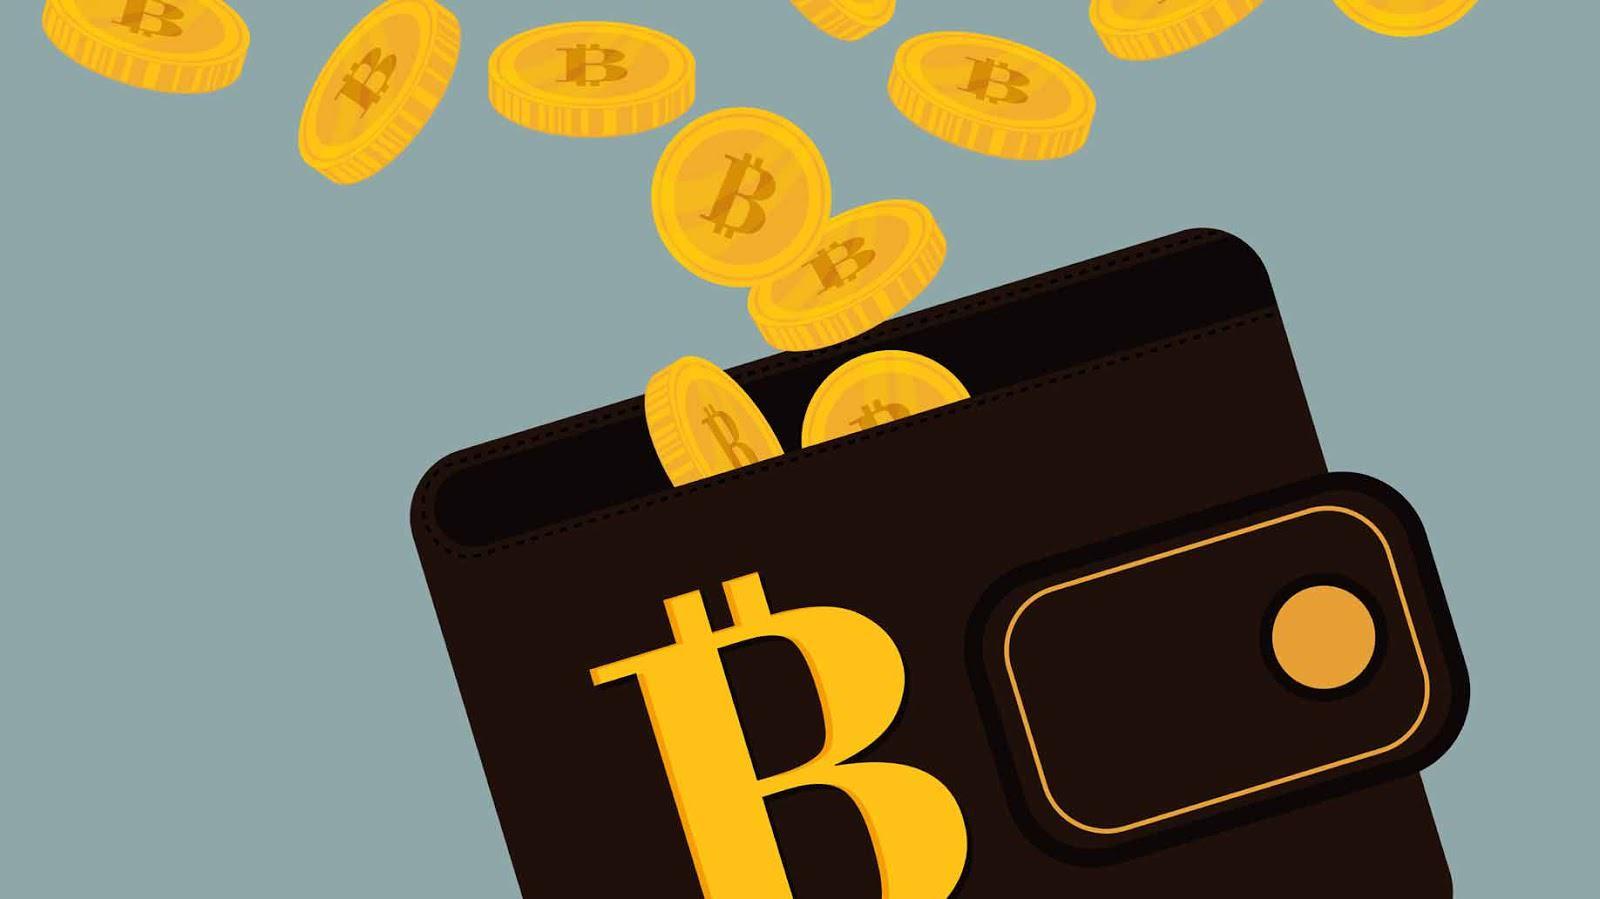 Новая модификация трояна Quant похищает деньги из криптовалютных кошельков